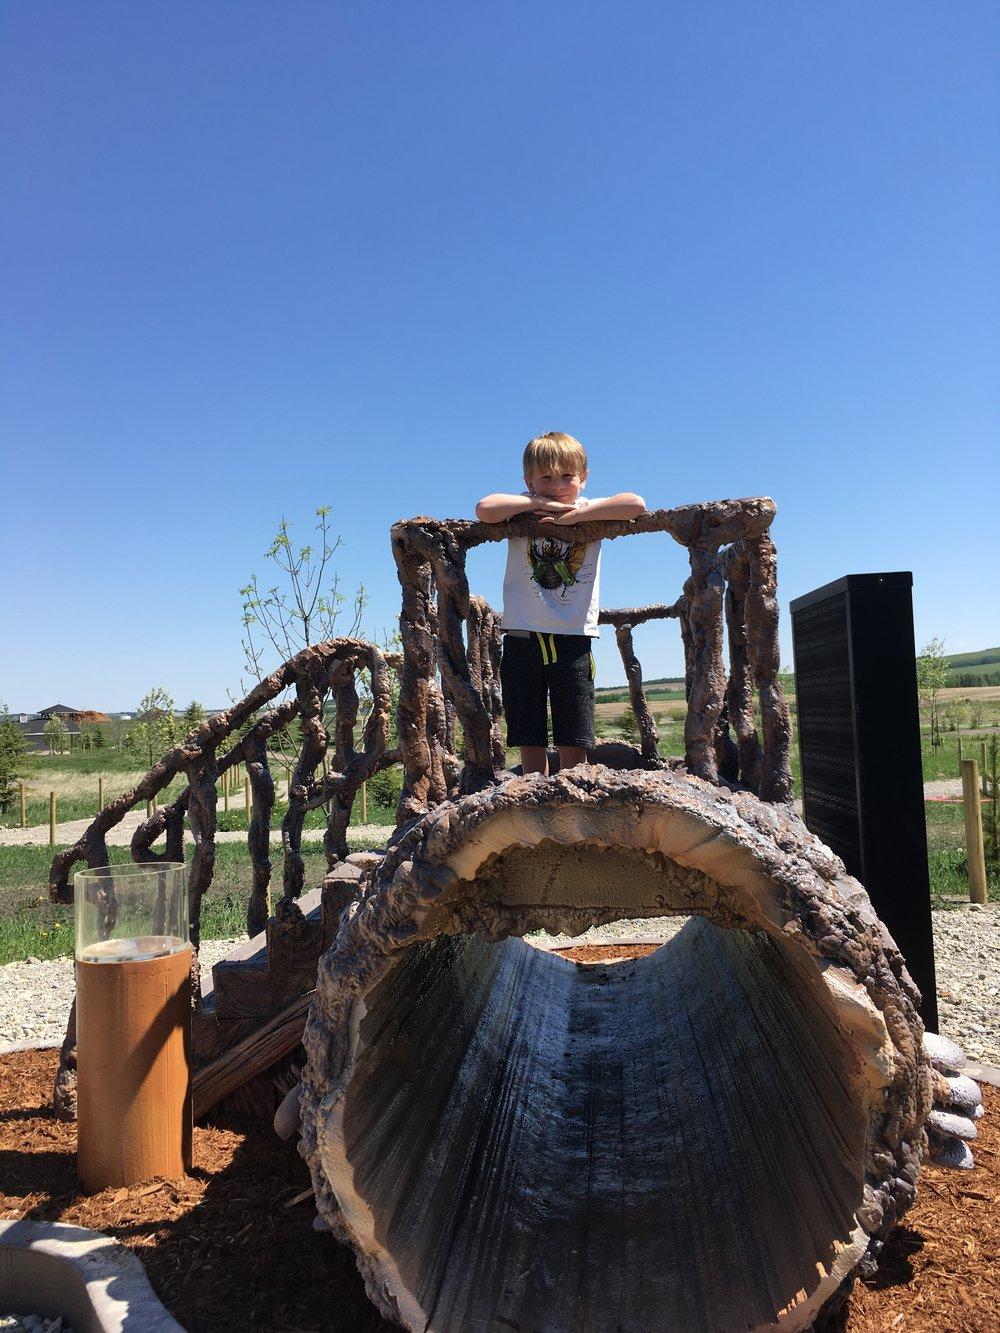 Life on a Log!